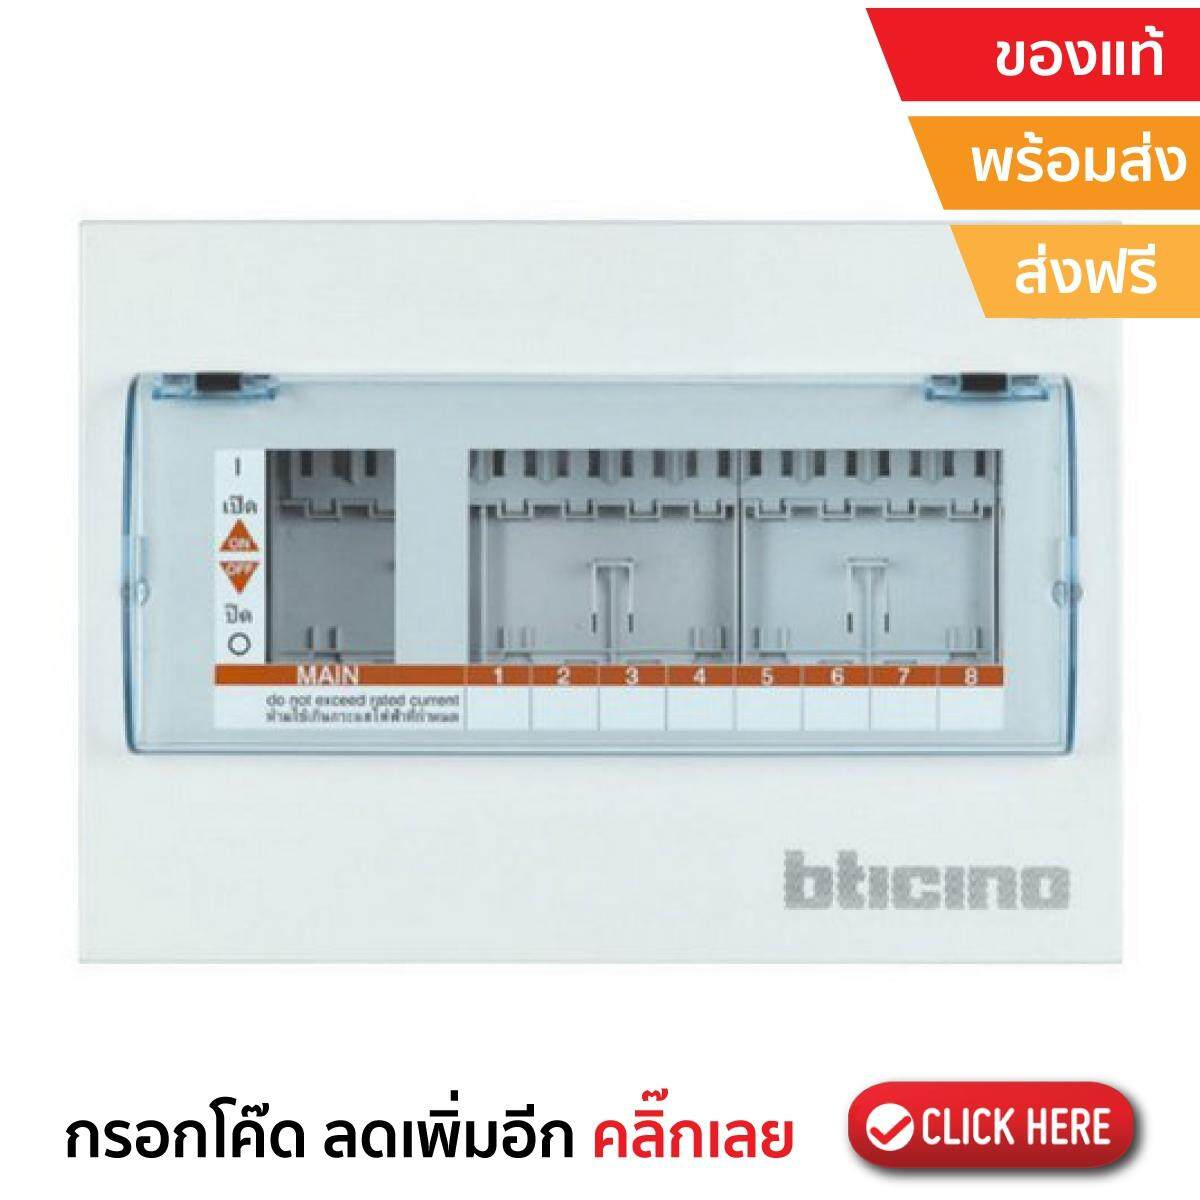 สุดยอดสินค้า!! ตู้ไฟฟ้า ตู้ไฟบ้าน ตู้เบรคเกอร์ สำหรับงานไฟฟ้า อุปกรณ์ไฟฟ้า ตู้ควบคุมไฟฟ้า ผลิตจากวัสดุที่ได้มาตรฐานสูง ตู้ C-UNIT 8ช่อง BTCN8 B-TICINO ส่ง kerry เก็บเงินปลายทาง